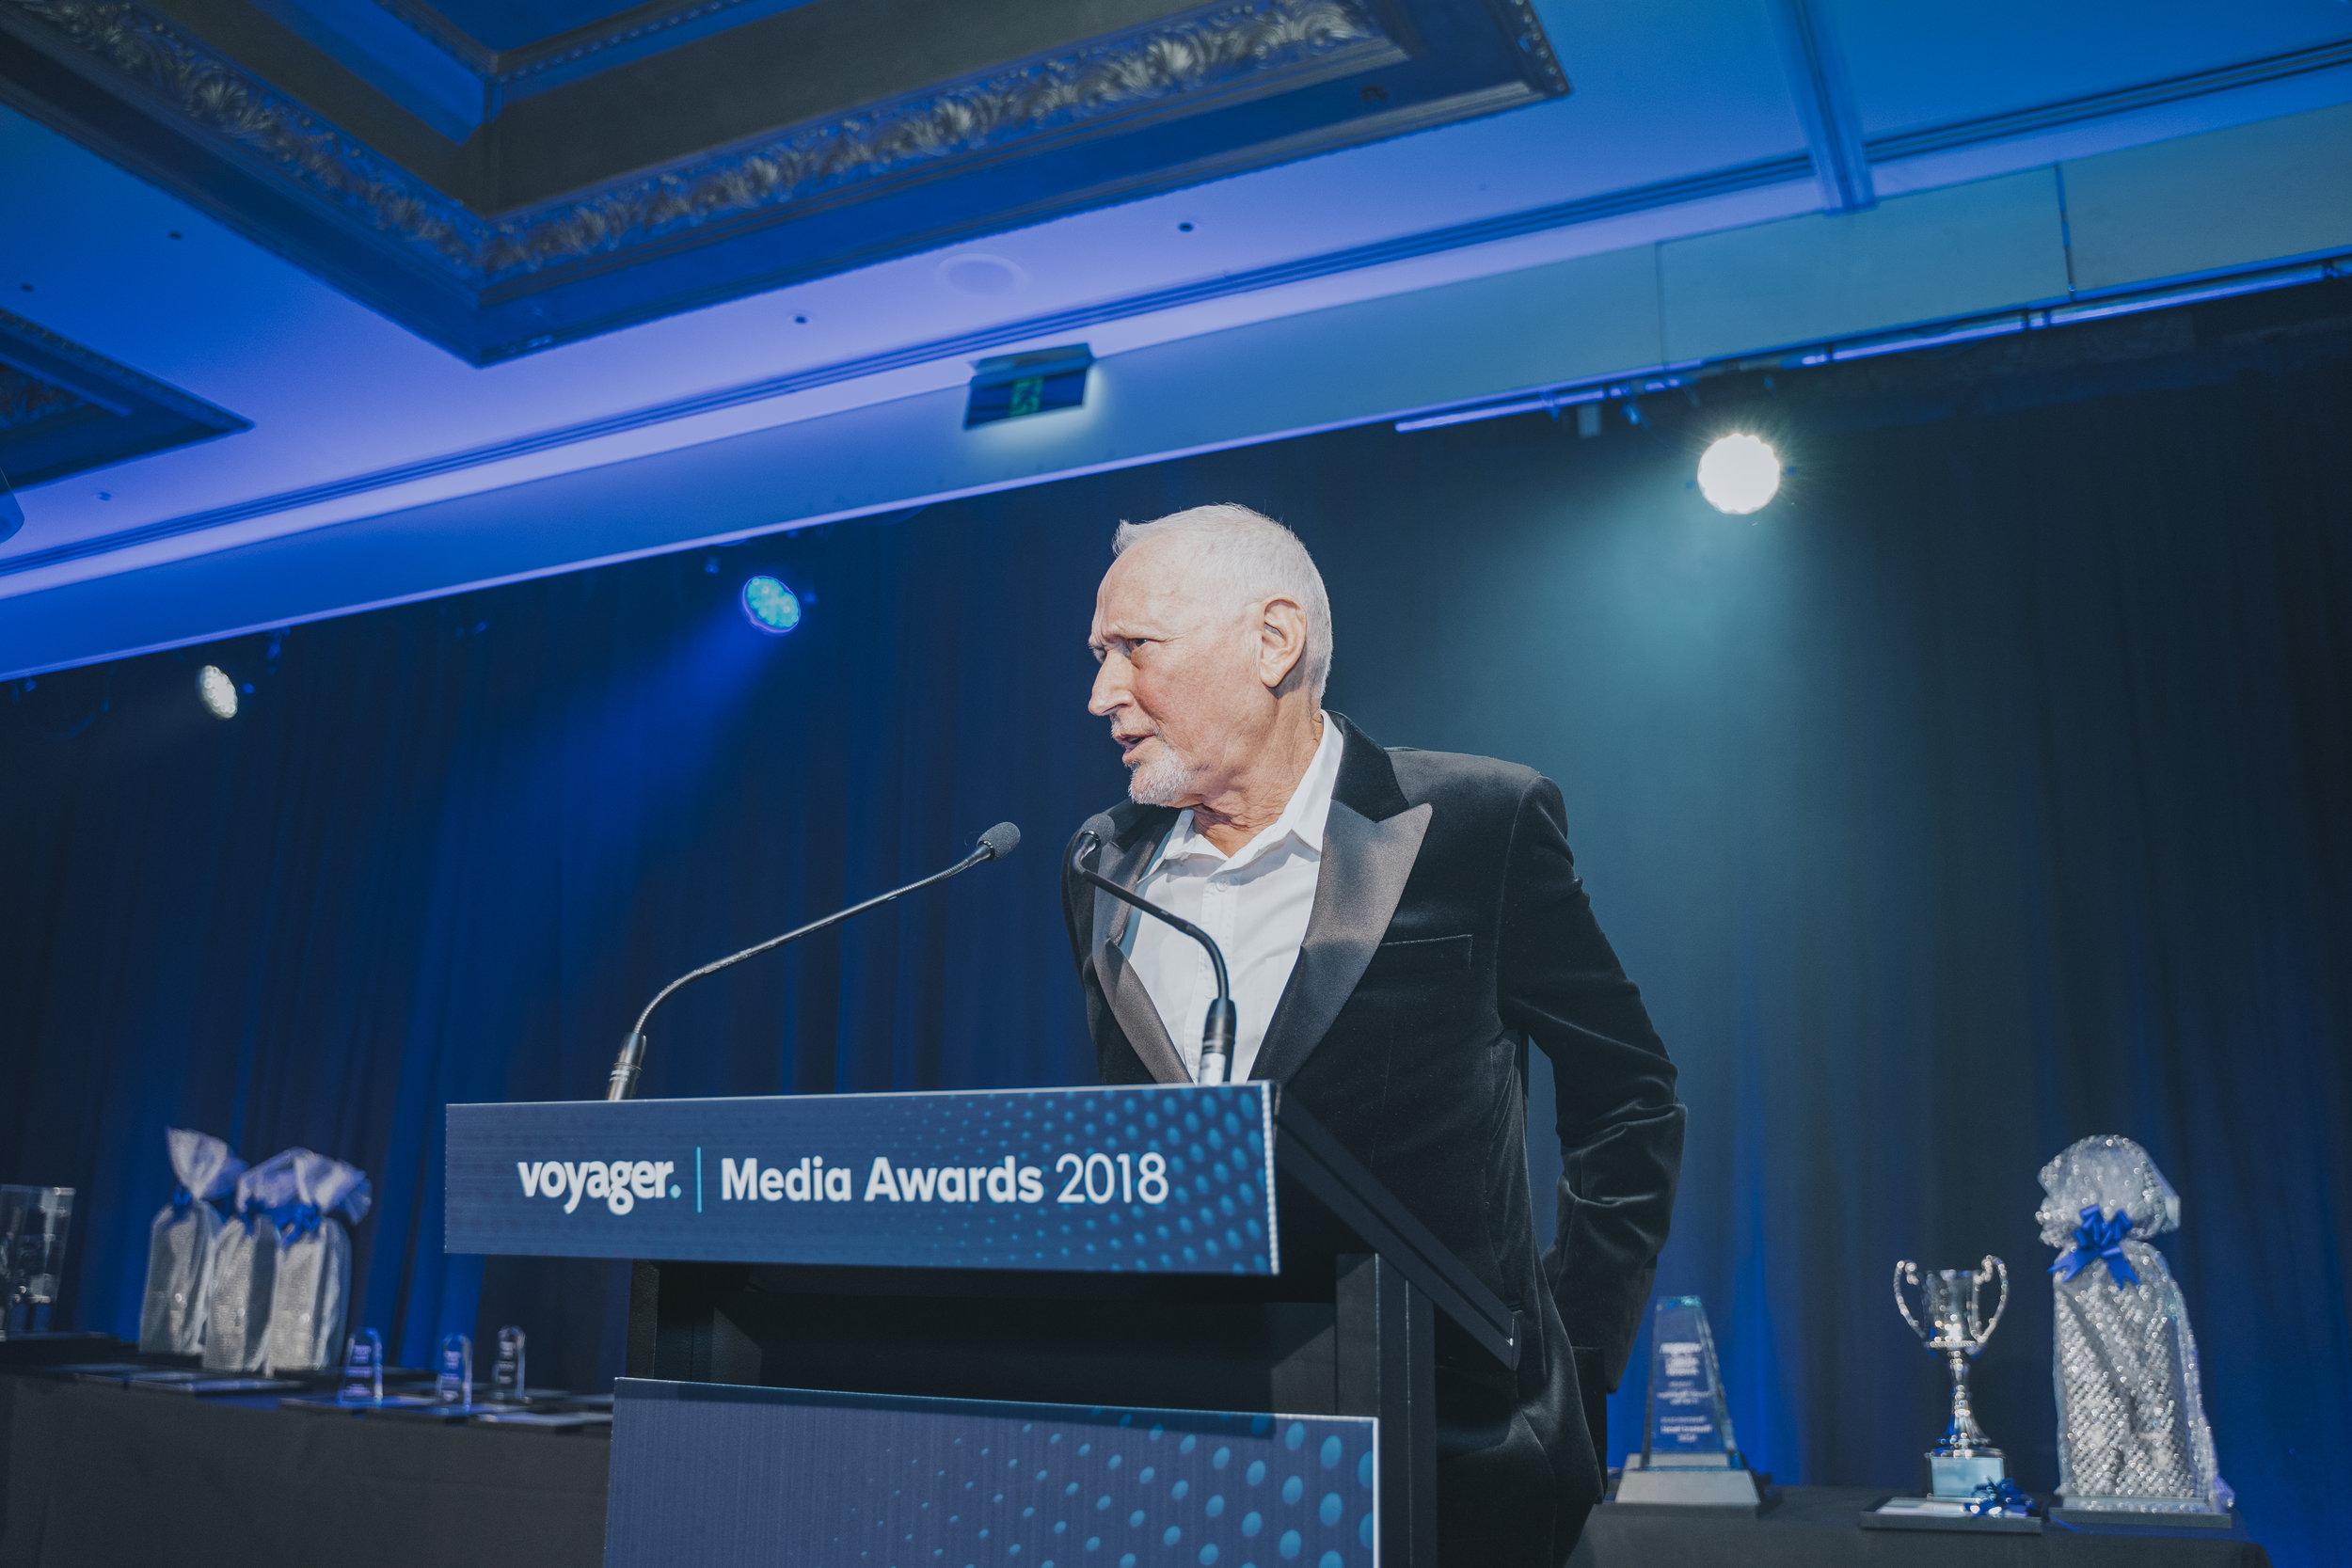 Voyager Media Awards 2018-158.JPG